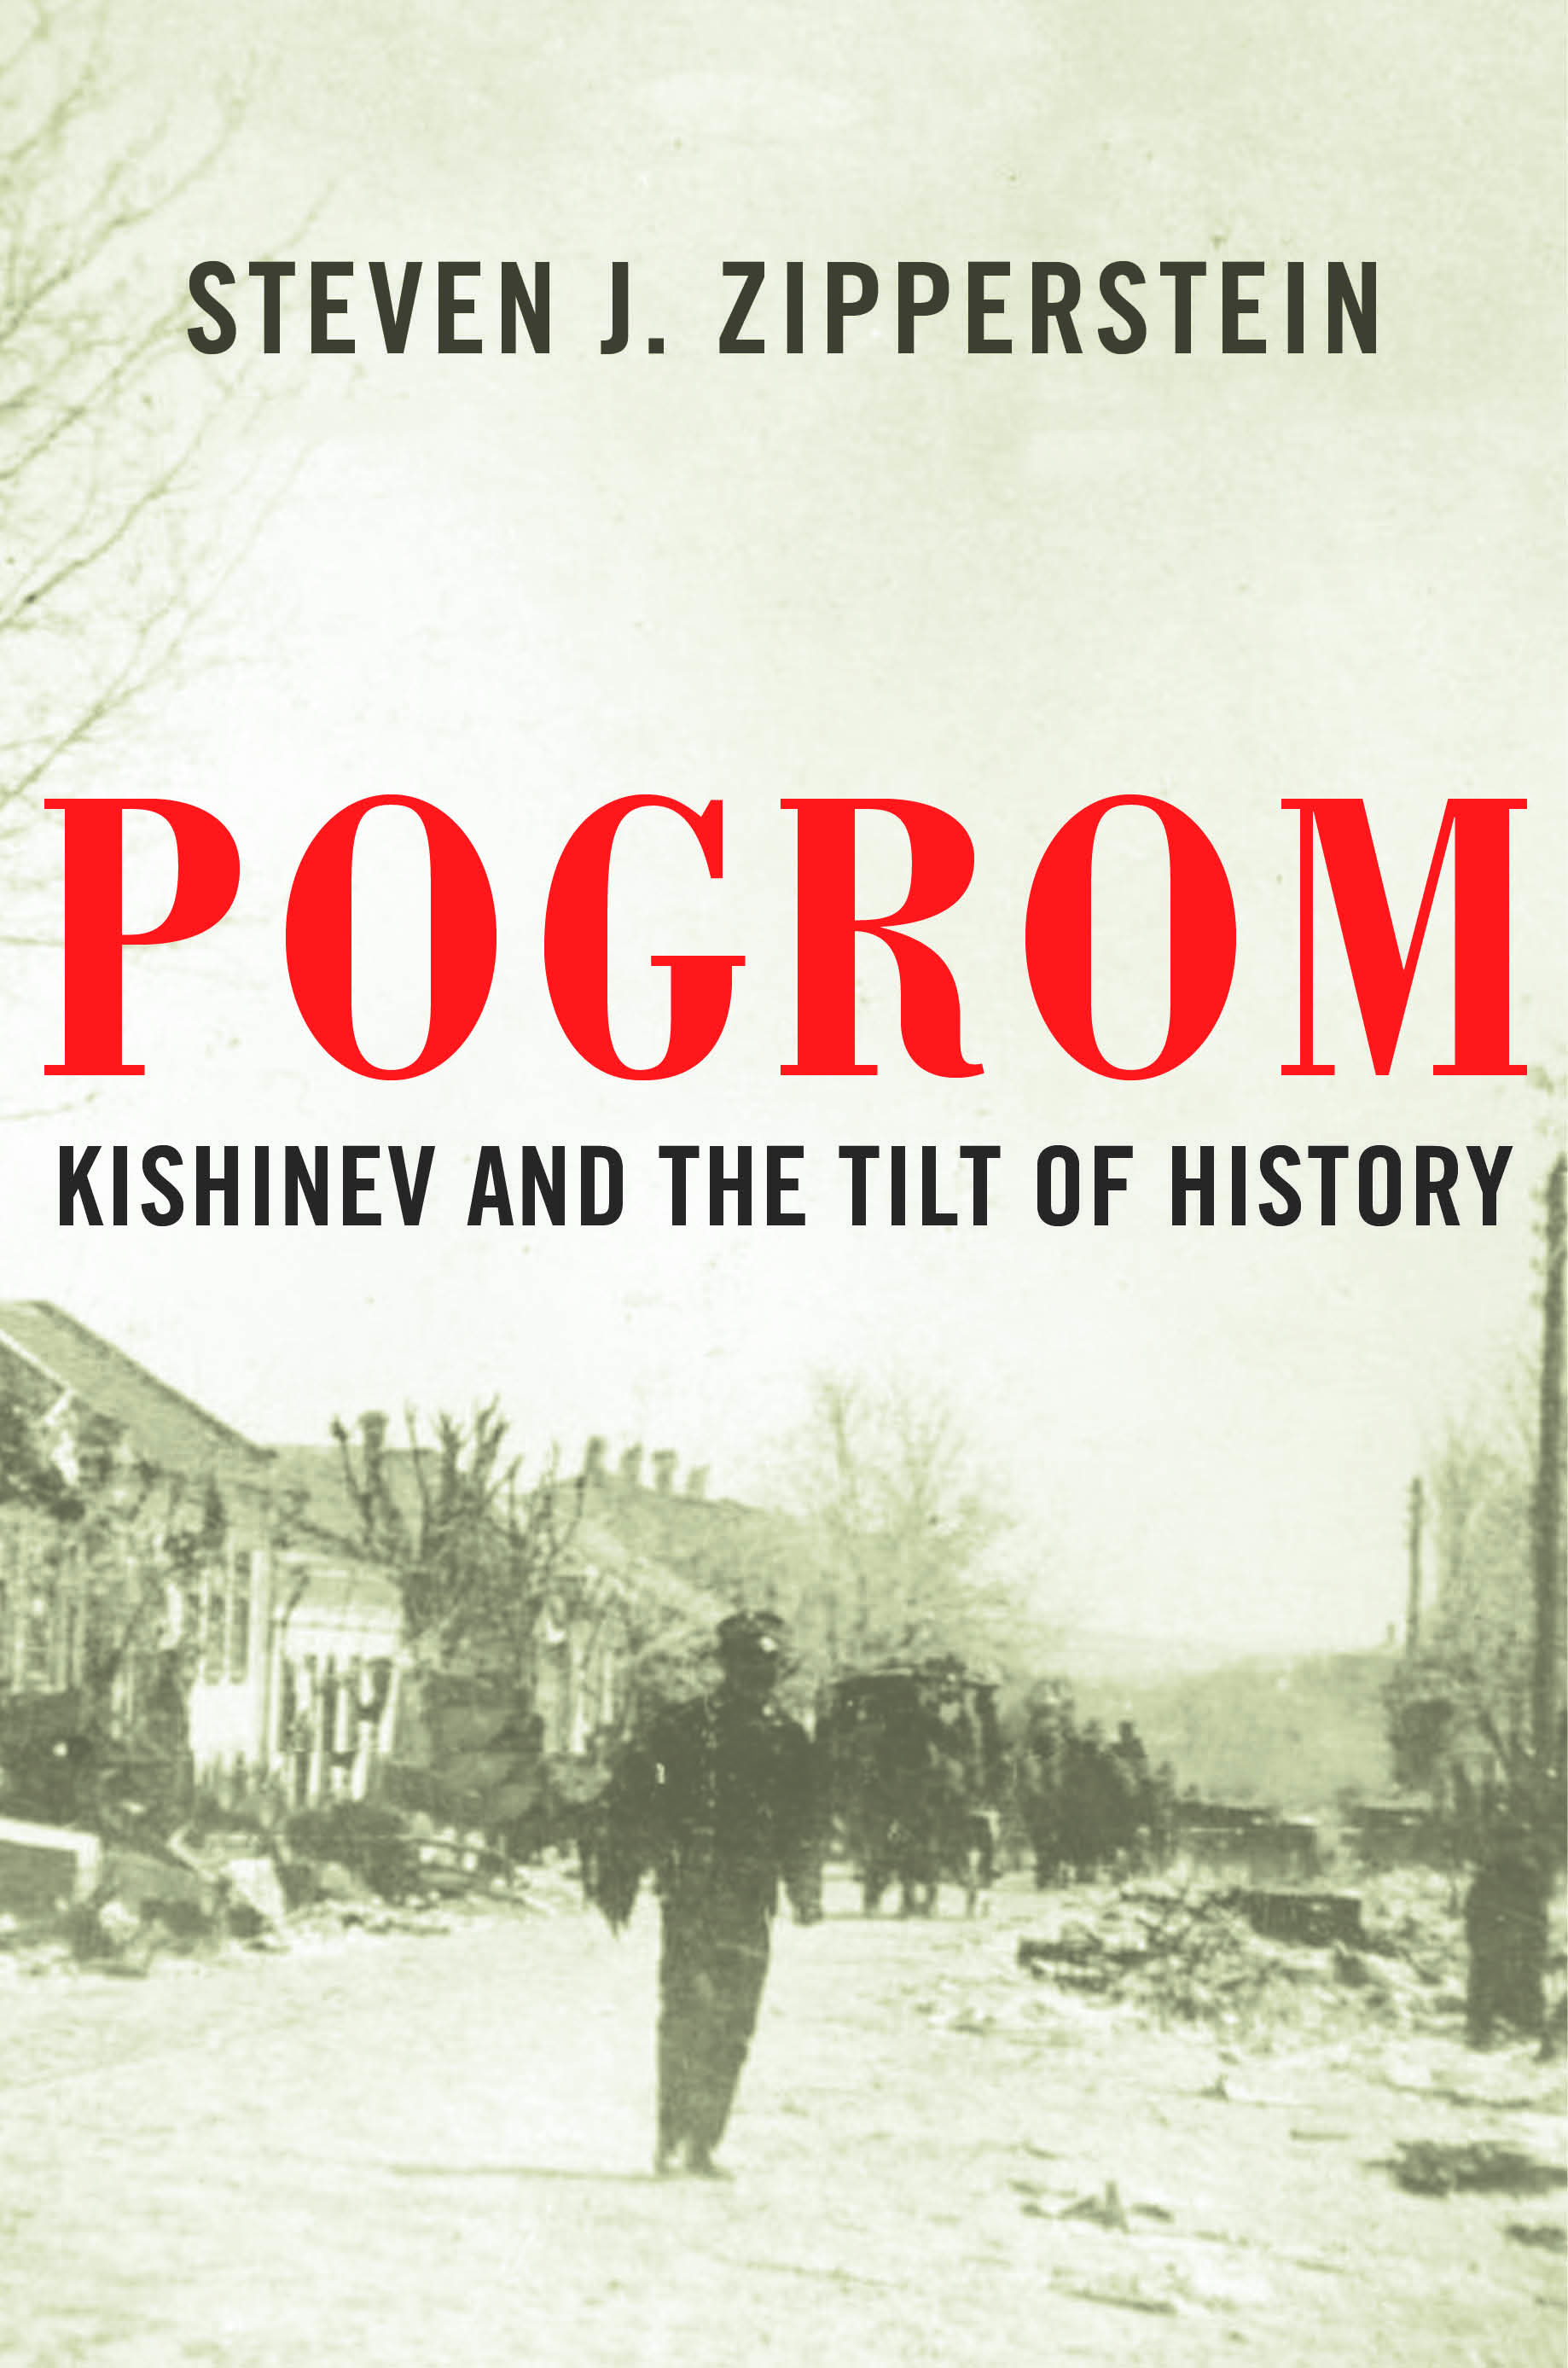 Pogrom_978-1-63149-269-3.jpg